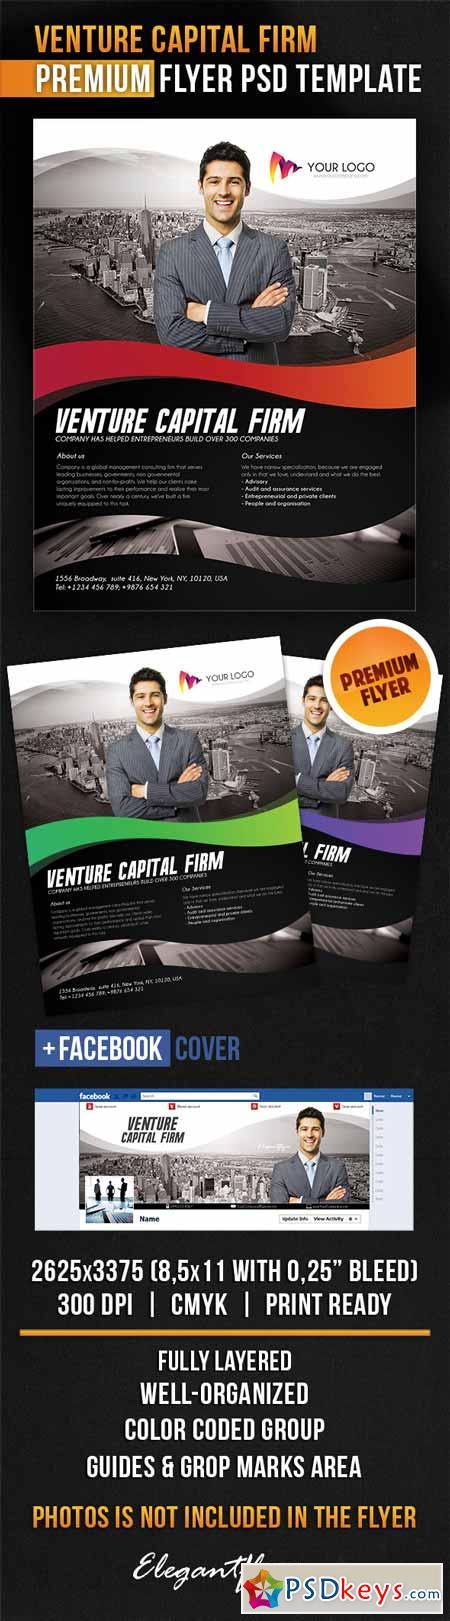 Venture capital essays